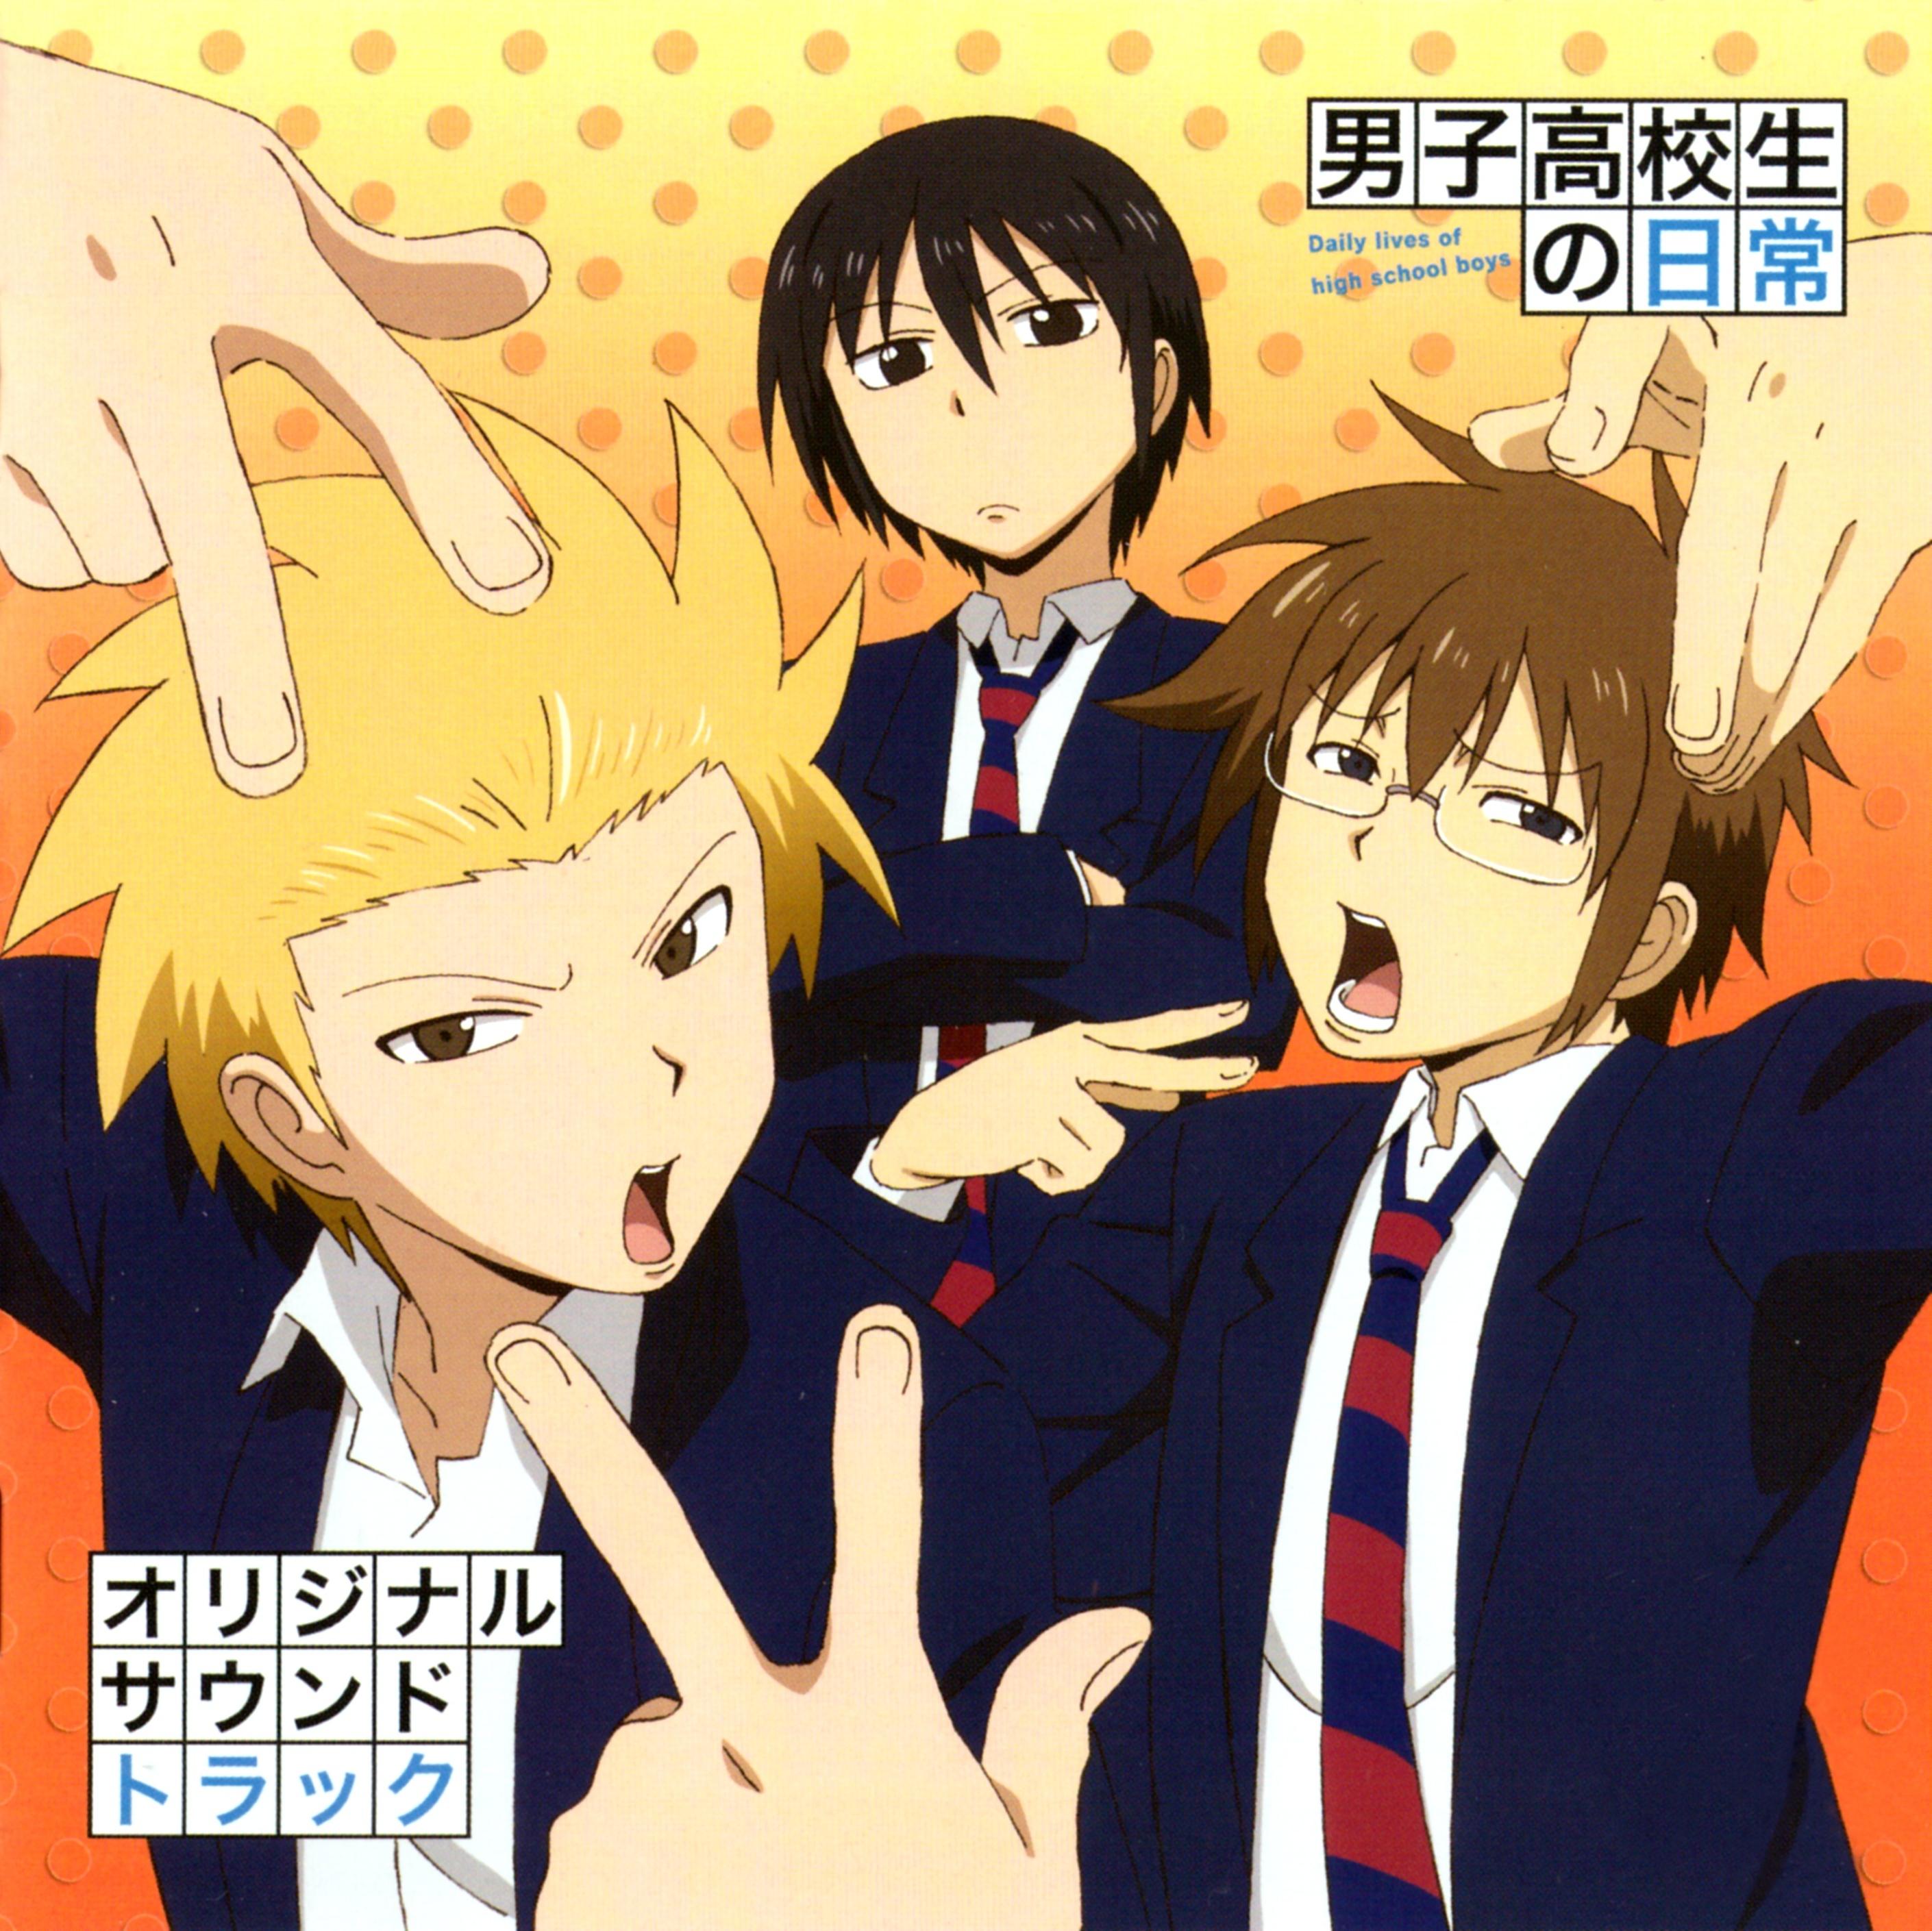 Top 3 personnages les plus drôles dans les mangas VJS5WOclFjDas9lQL7ouckBKUUE